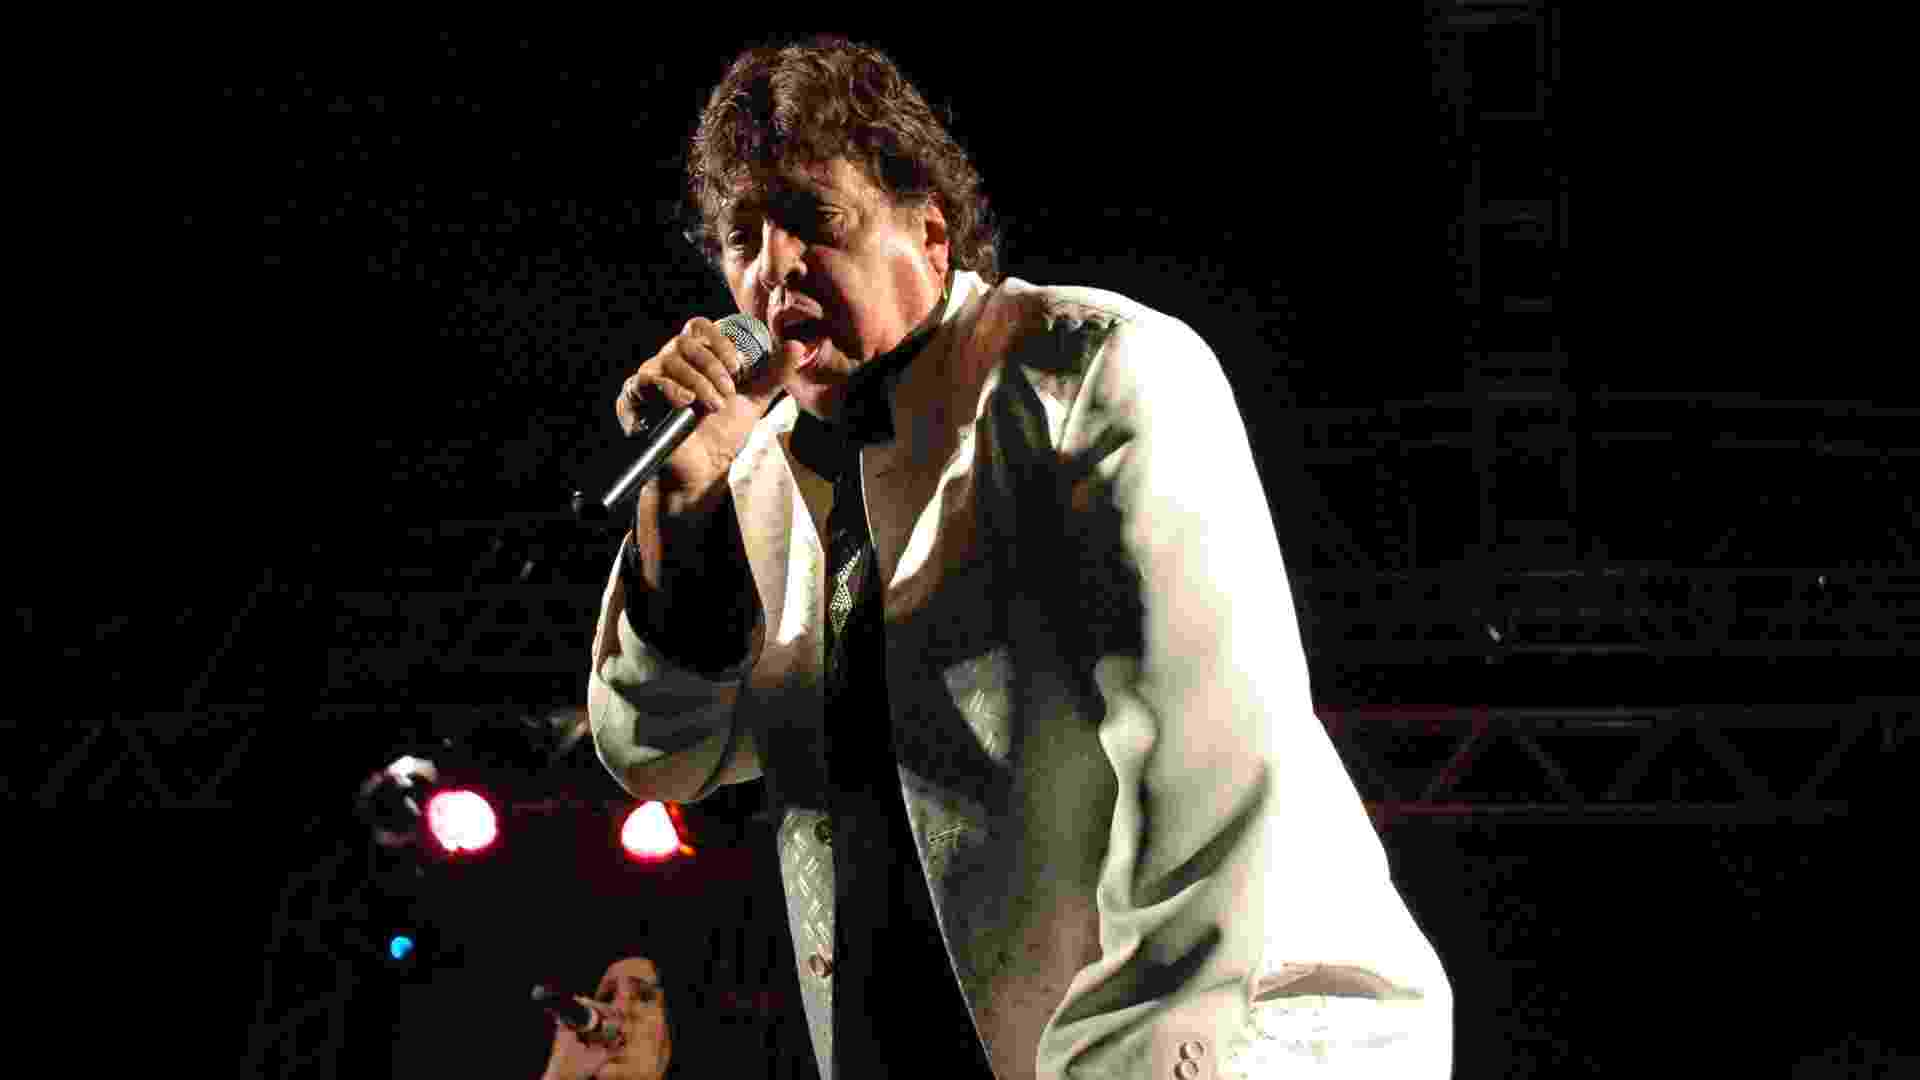 18.mai.2013 - Apresentação do cantor Sidney Magal no Largo do Arouche durante a 9ª edição da Virada Cultural em São Paulo (SP) - J. Duran Machfee/Futura Press/Estadão Conteúdo